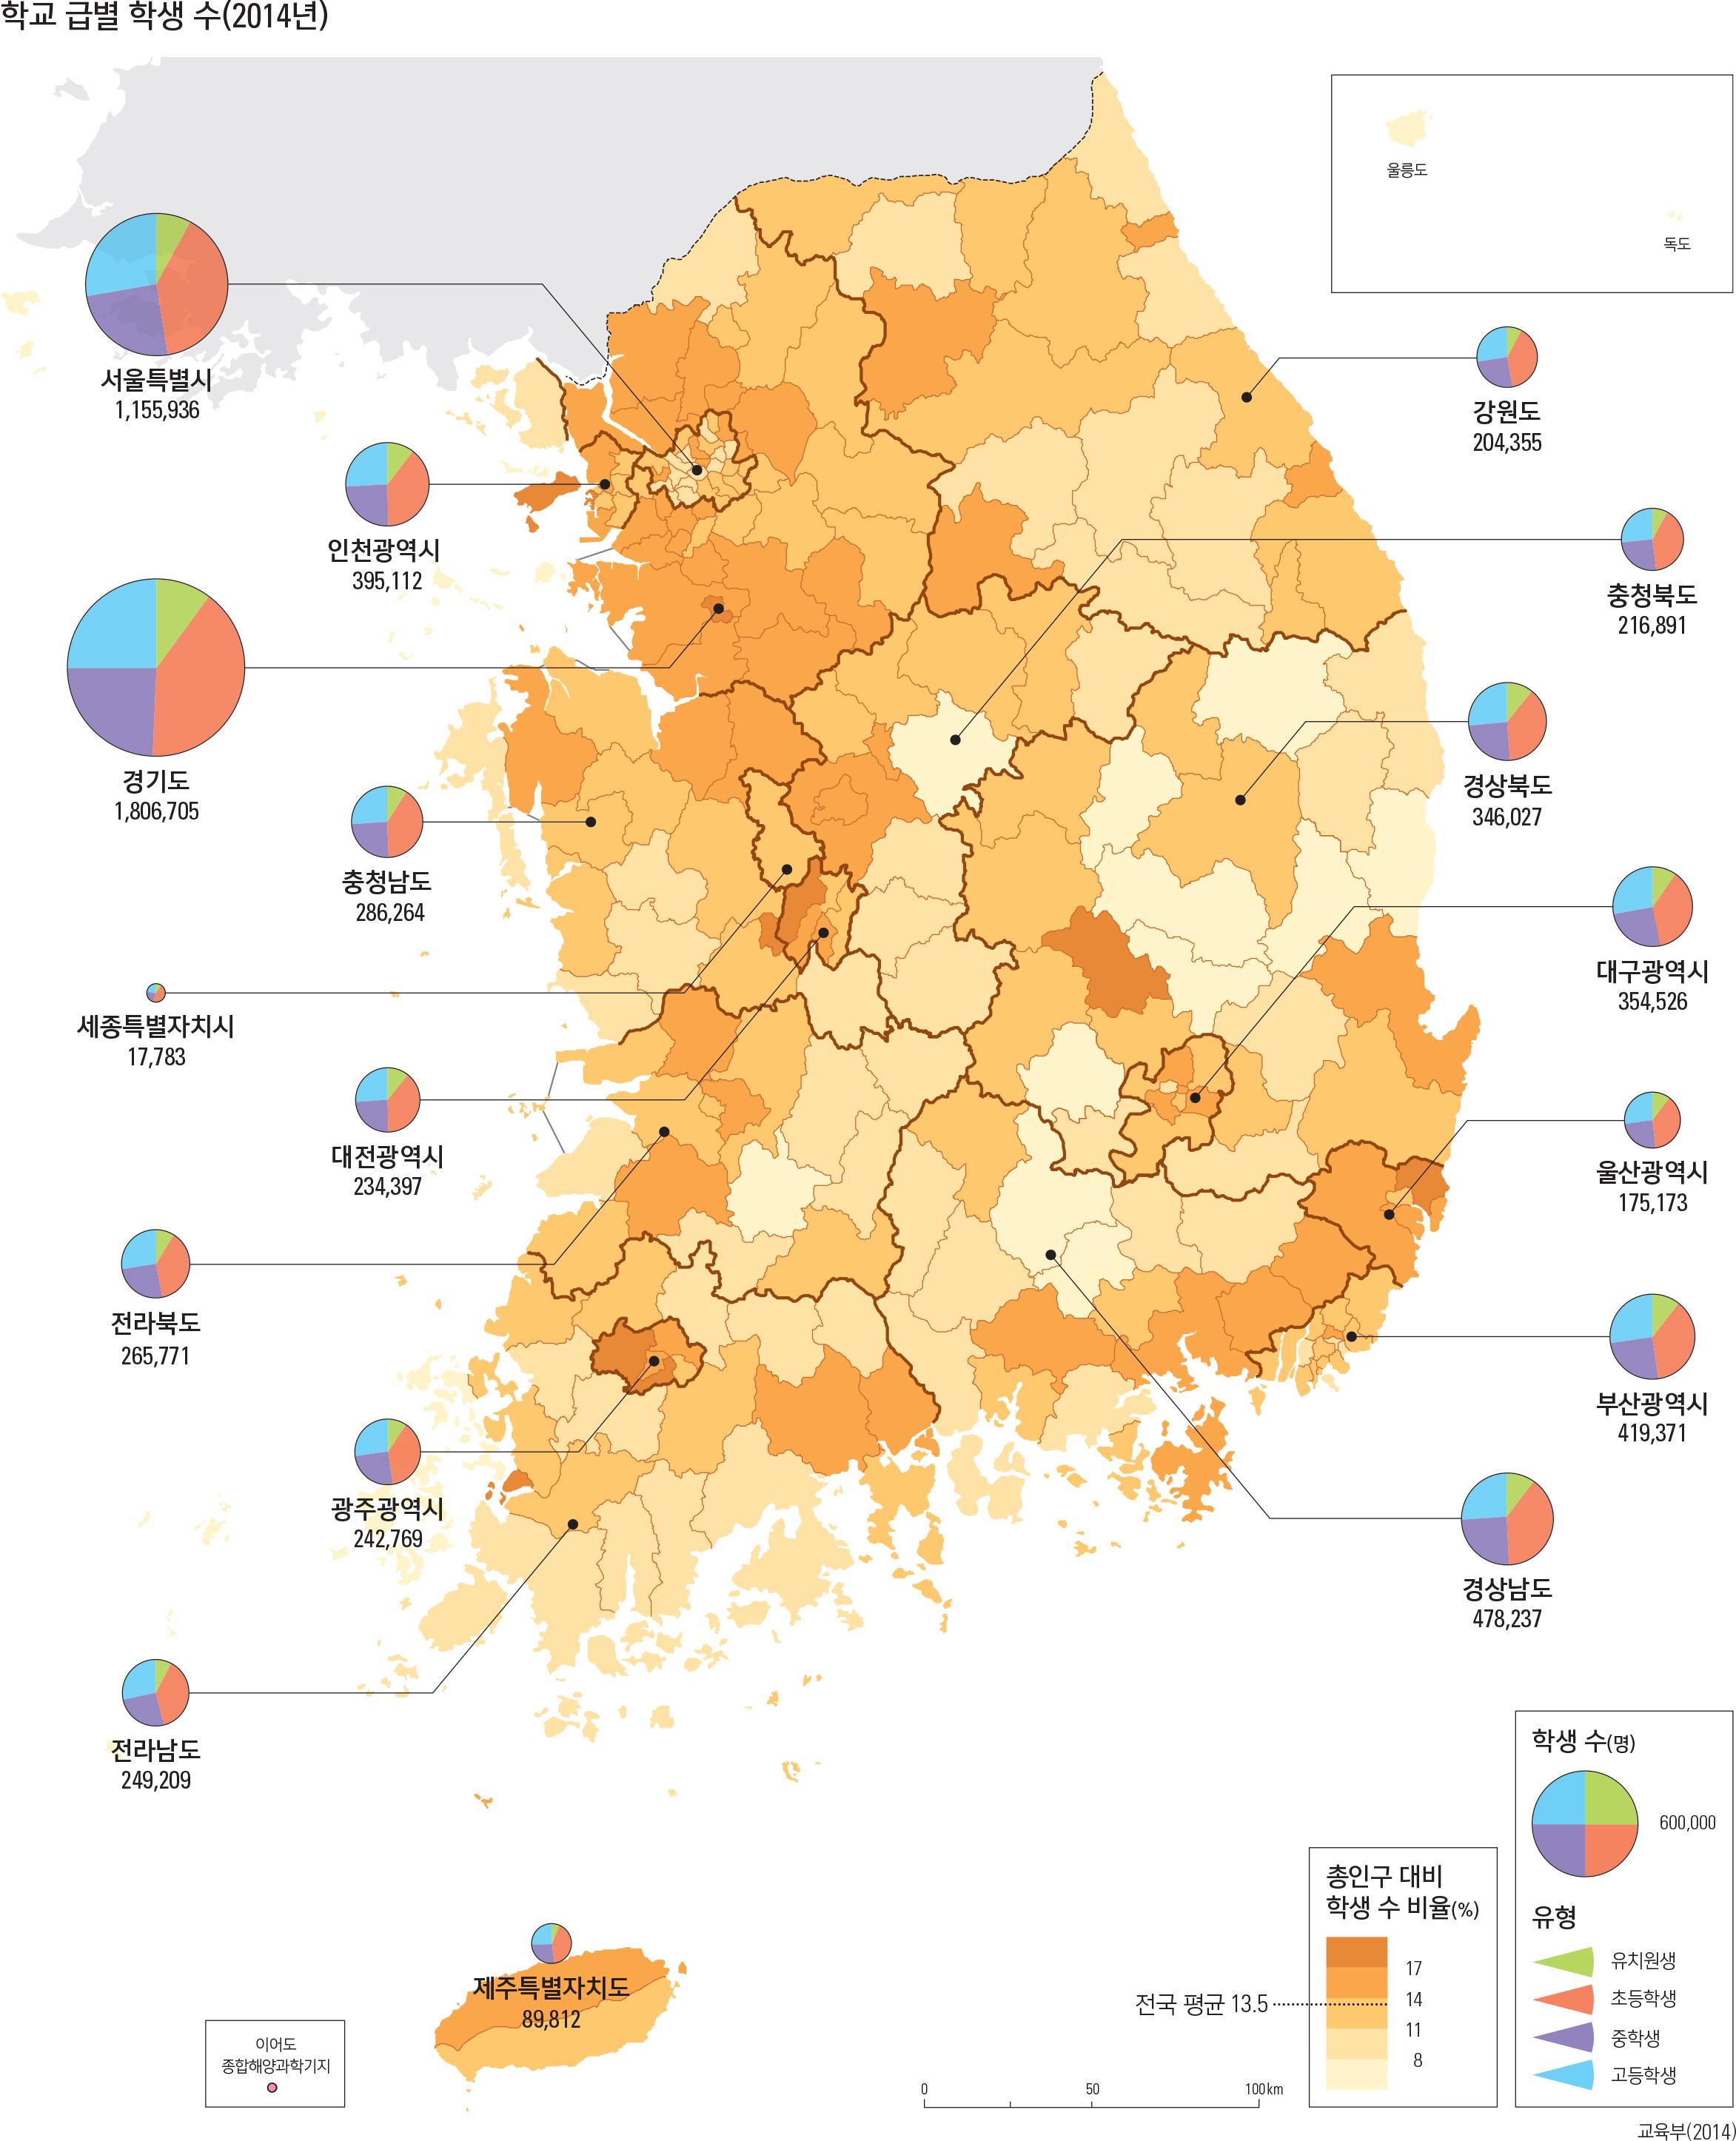 학교 급별 학생 수(2014년)